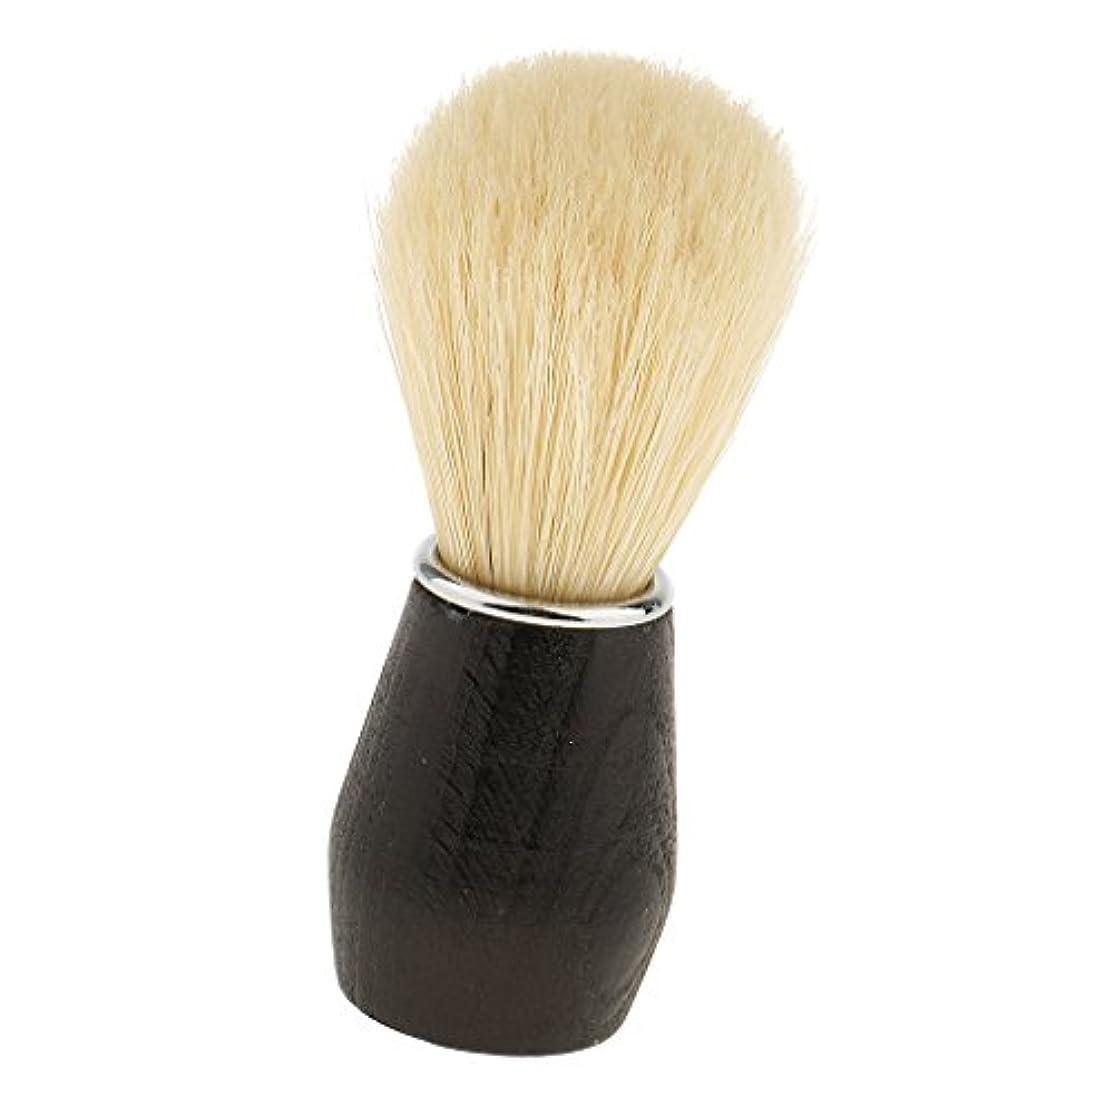 事前にコミットロバBaosity 父のギフト ソフト 実用的 プロフェッショナル バーバーサロン家庭用 ひげ剃りブラシ プラスチックハンドル フェイシャルクリーニングブラシ ブラック